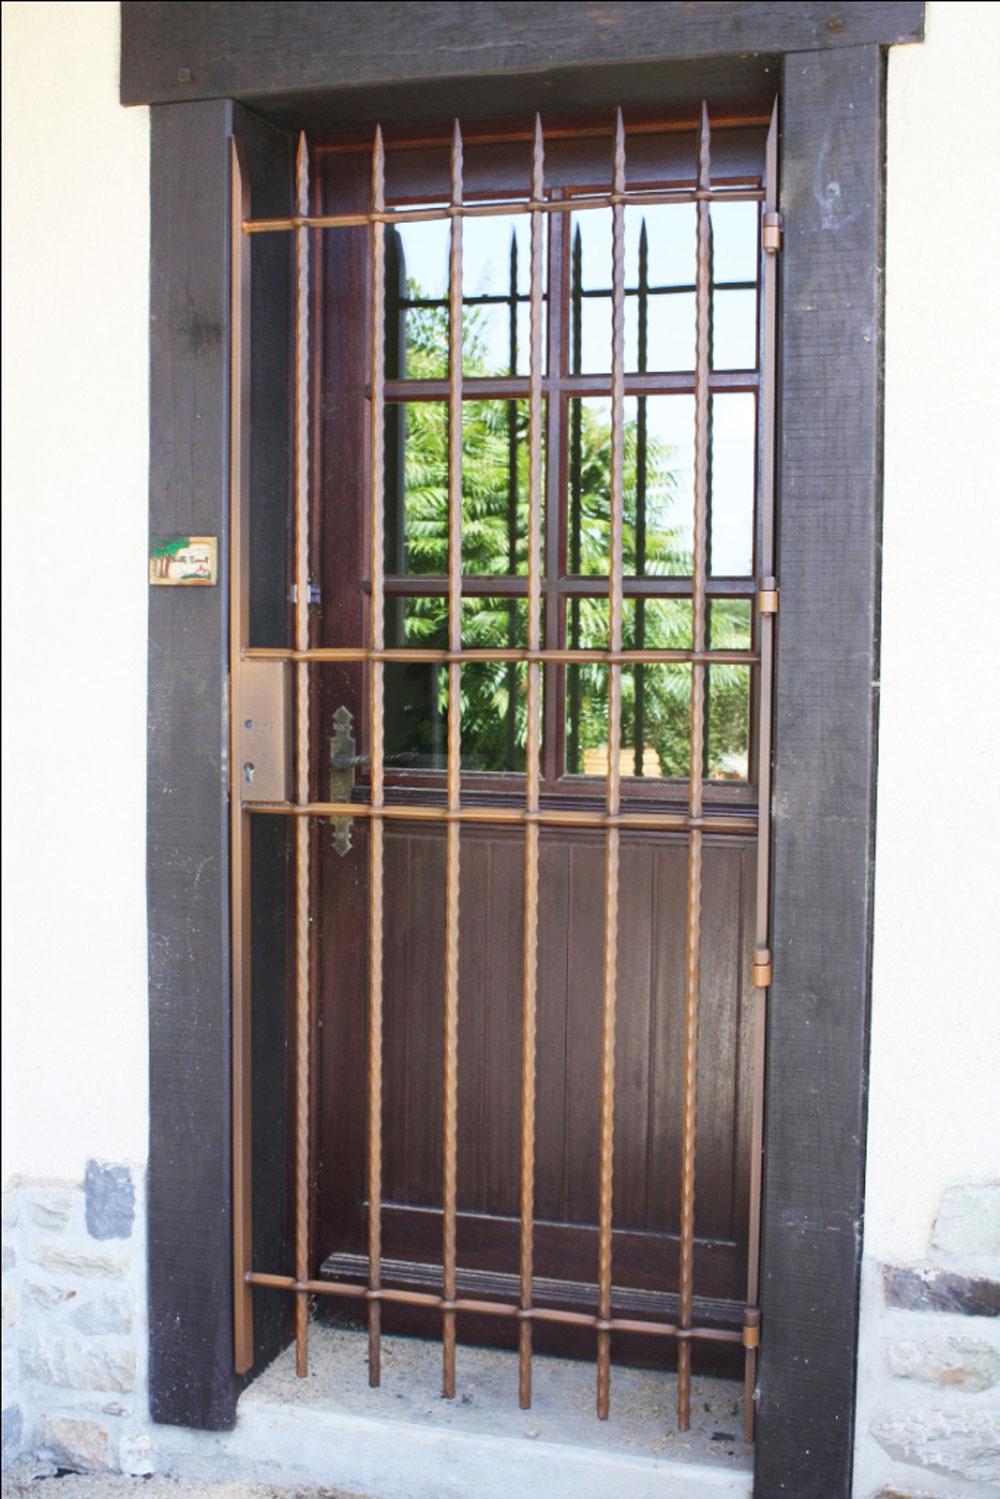 Suire metallerie marpire porte metallique securite ffb vitr - Porte metallique castorama ...